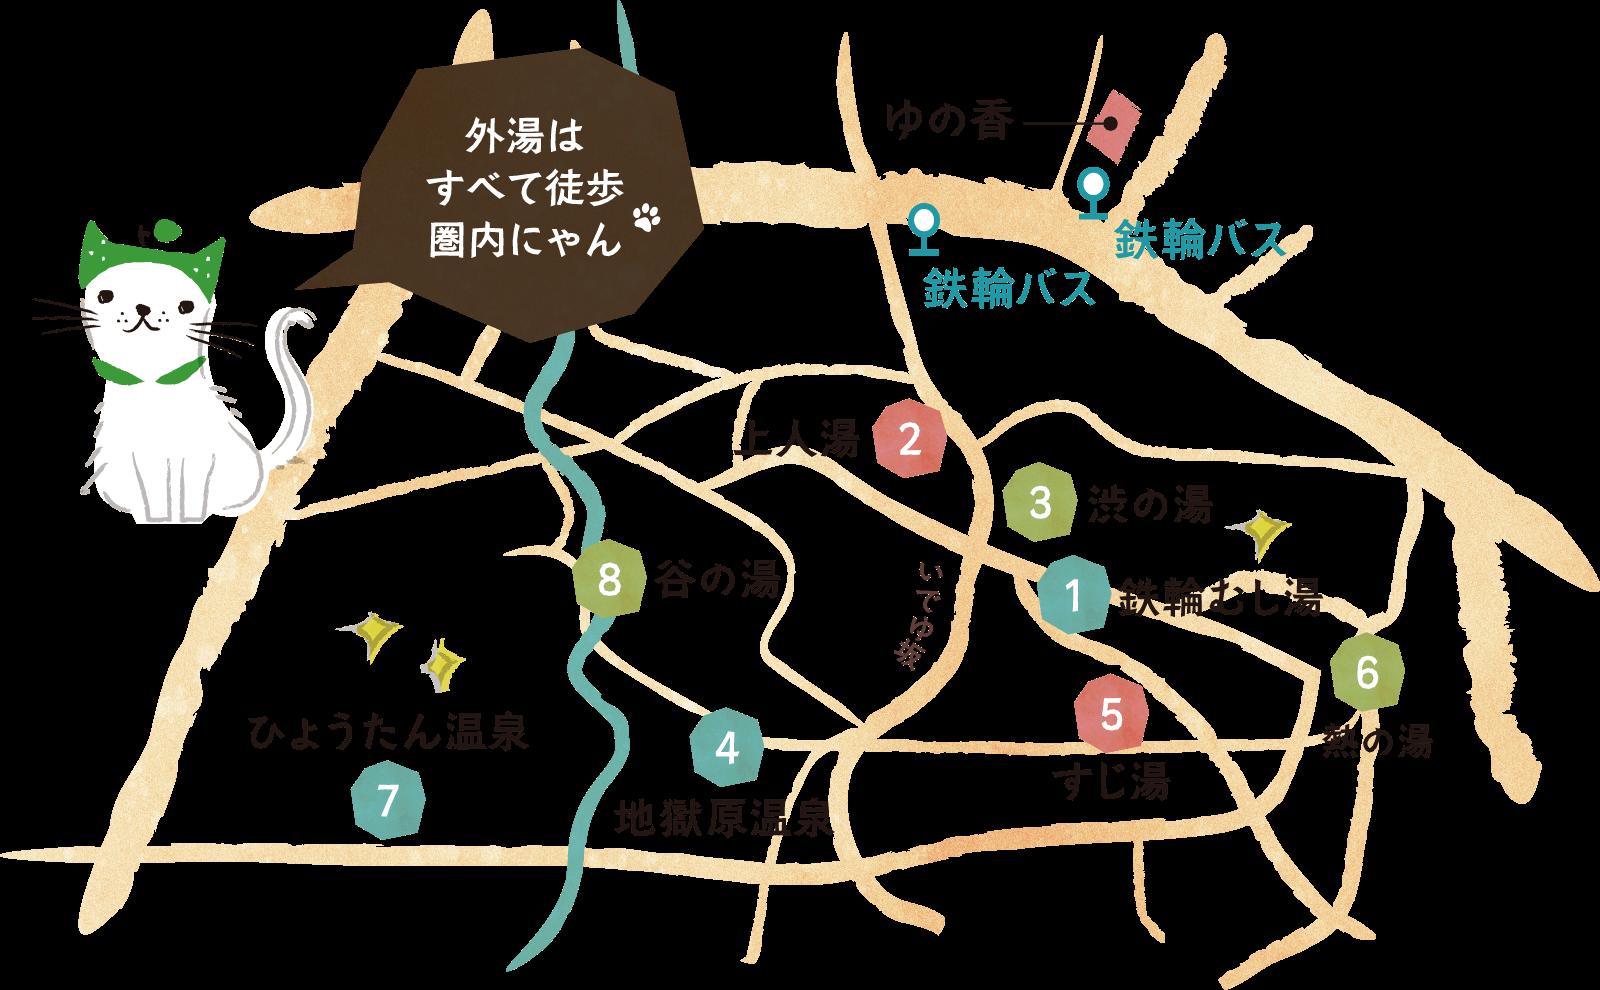 鉄輪温泉 外湯案内マップ